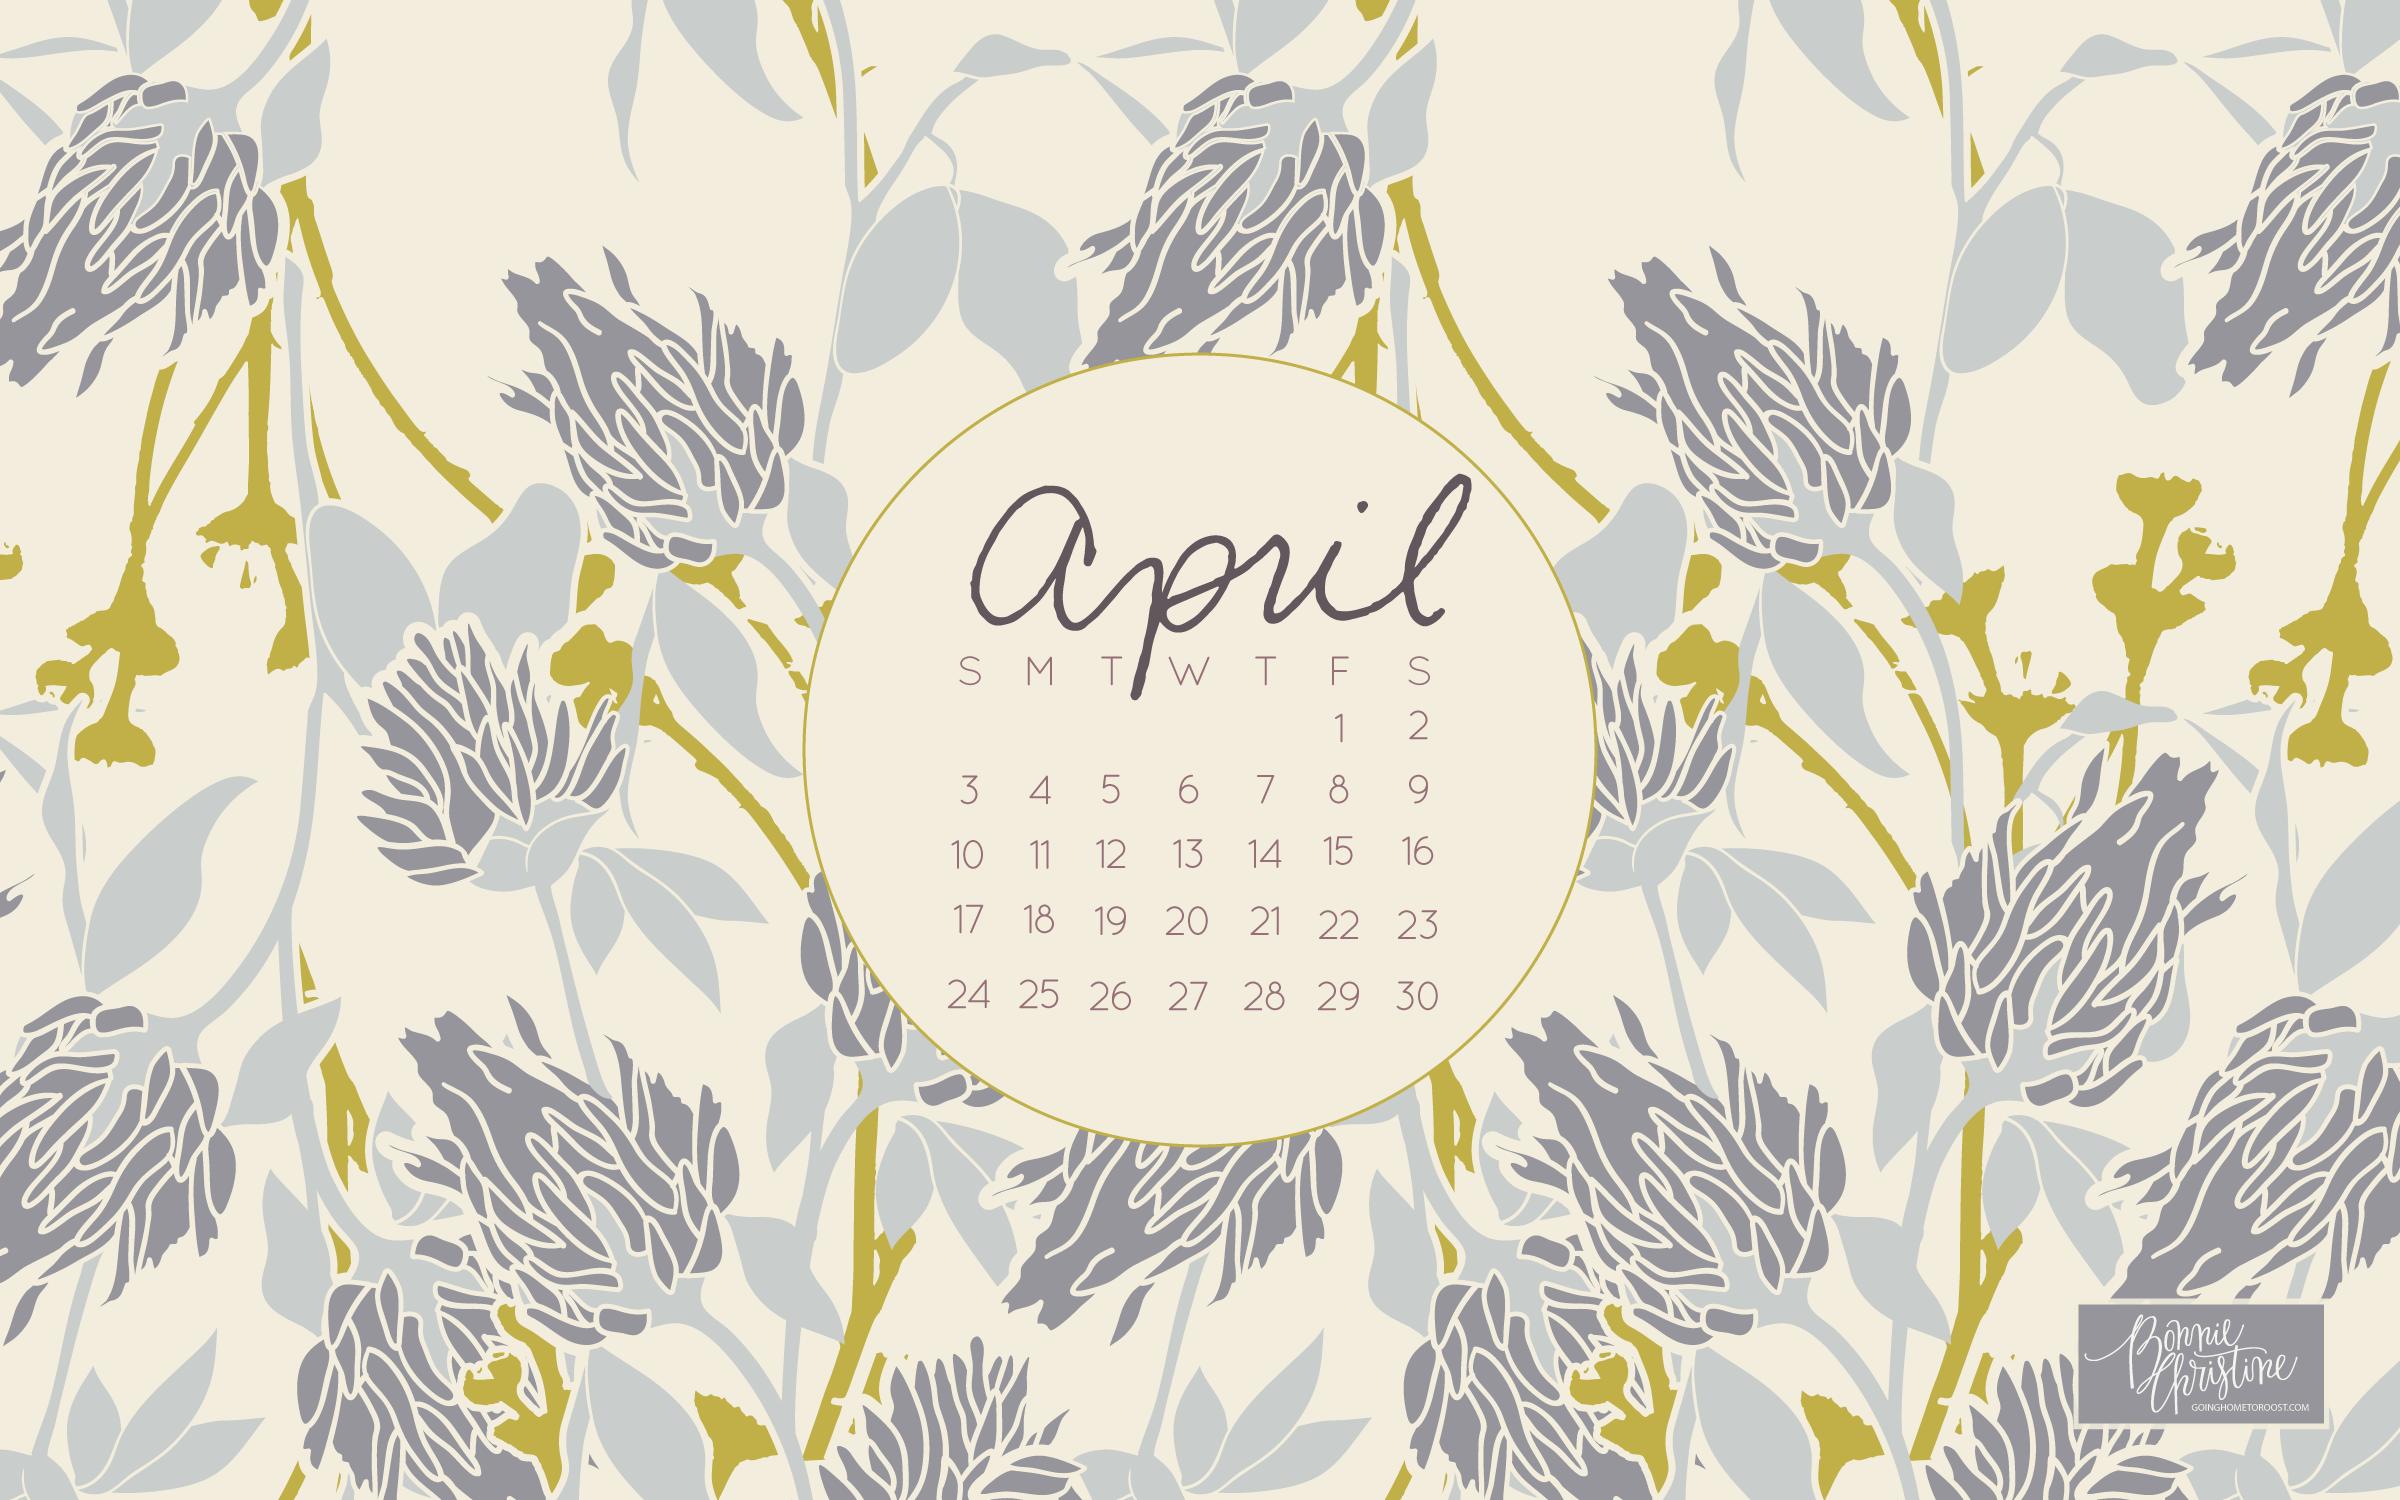 ... -april-2016-desktop-calendar-april-2016-desktop-calendar-PGqpOX.jpg